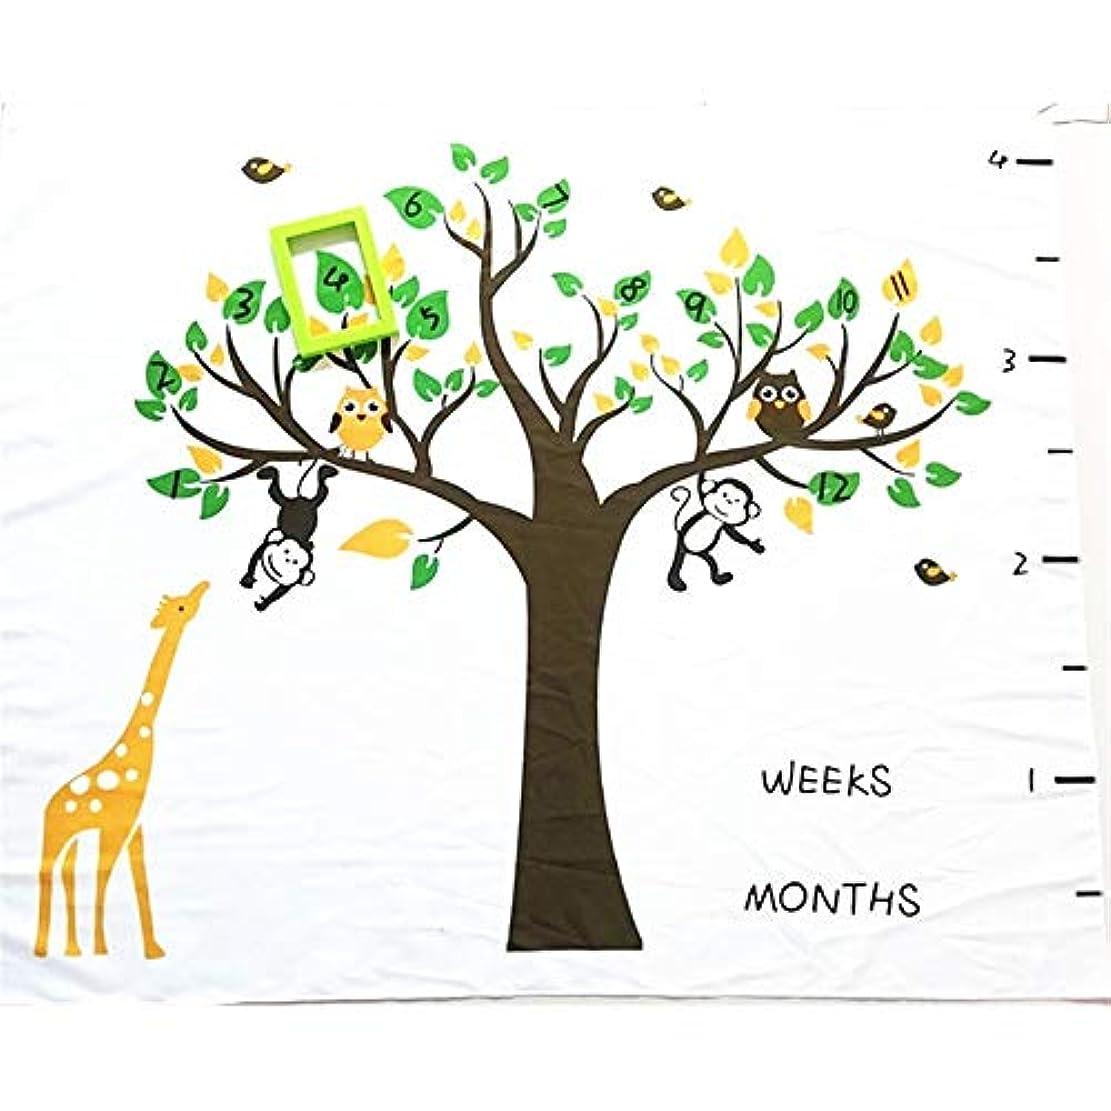 道を作るスキャンダラスしばしば撮影毛布 赤ちゃんの木マイルストーン毛布葉の花輪マーカーかわいい動物写真背景月間成長写真マット写真の小道具敷物 (色 : C1, サイズ : 100X150cm)